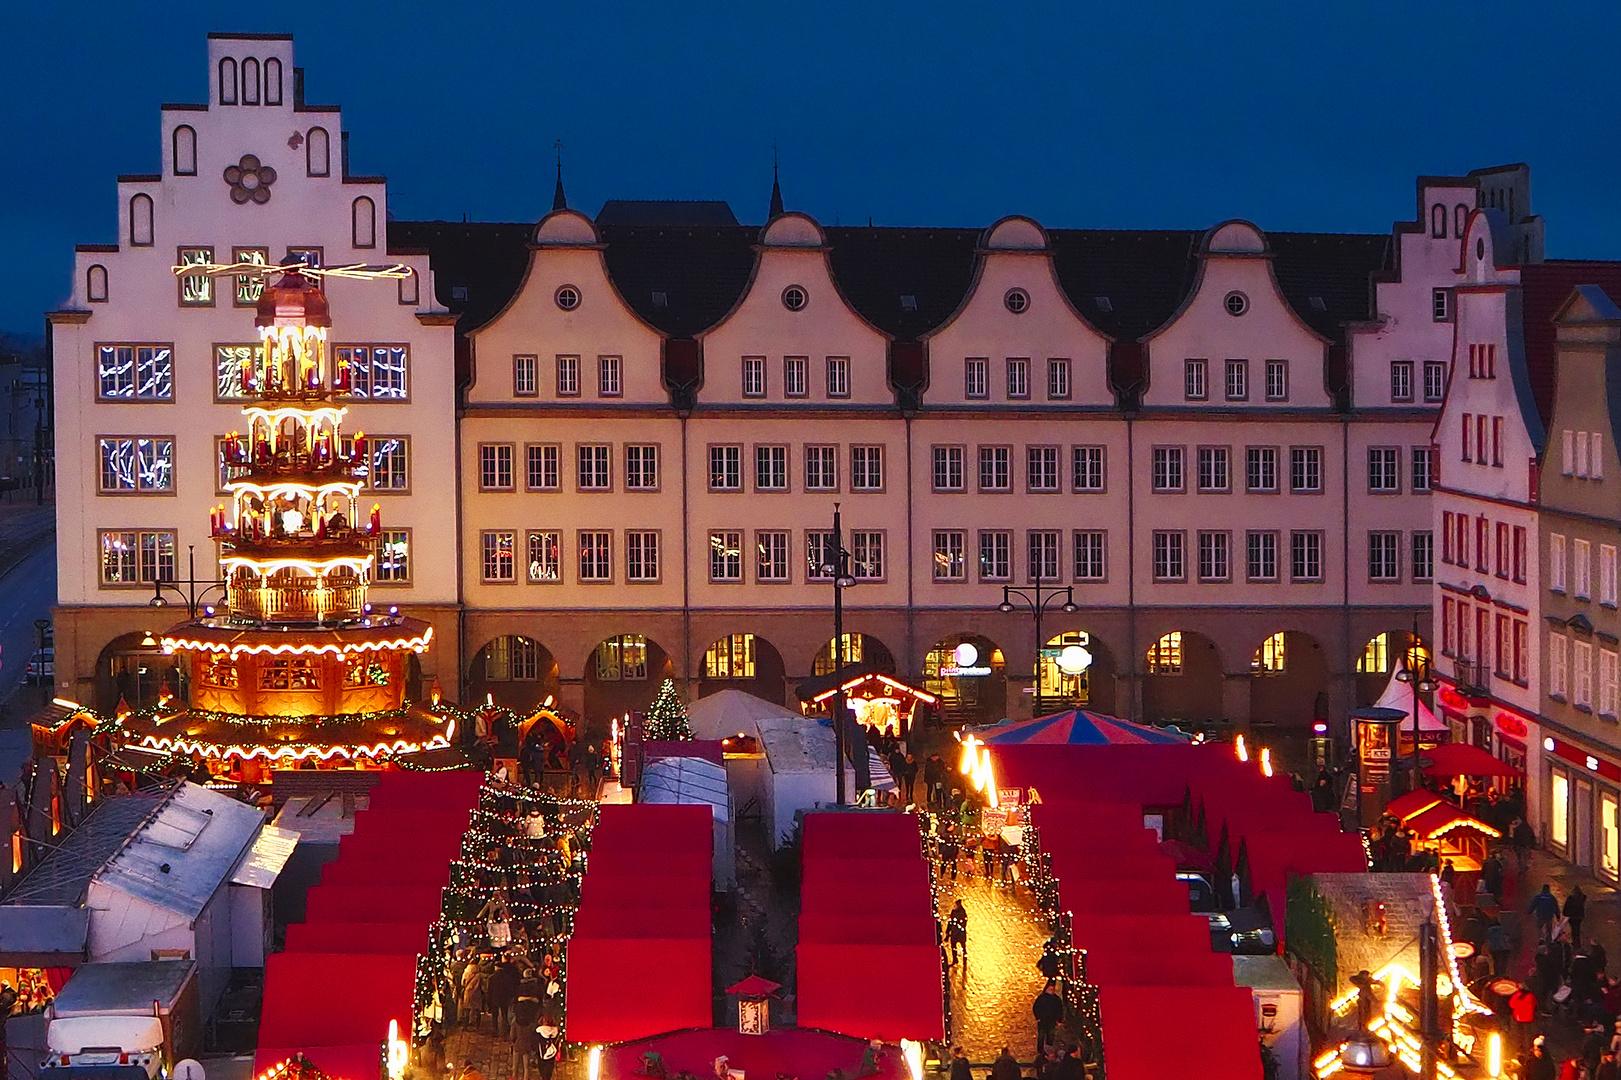 Weihnachtsmarkt In Rostock.Rostocker Weihnachtsmarkt 2017 Foto Bild Architektur